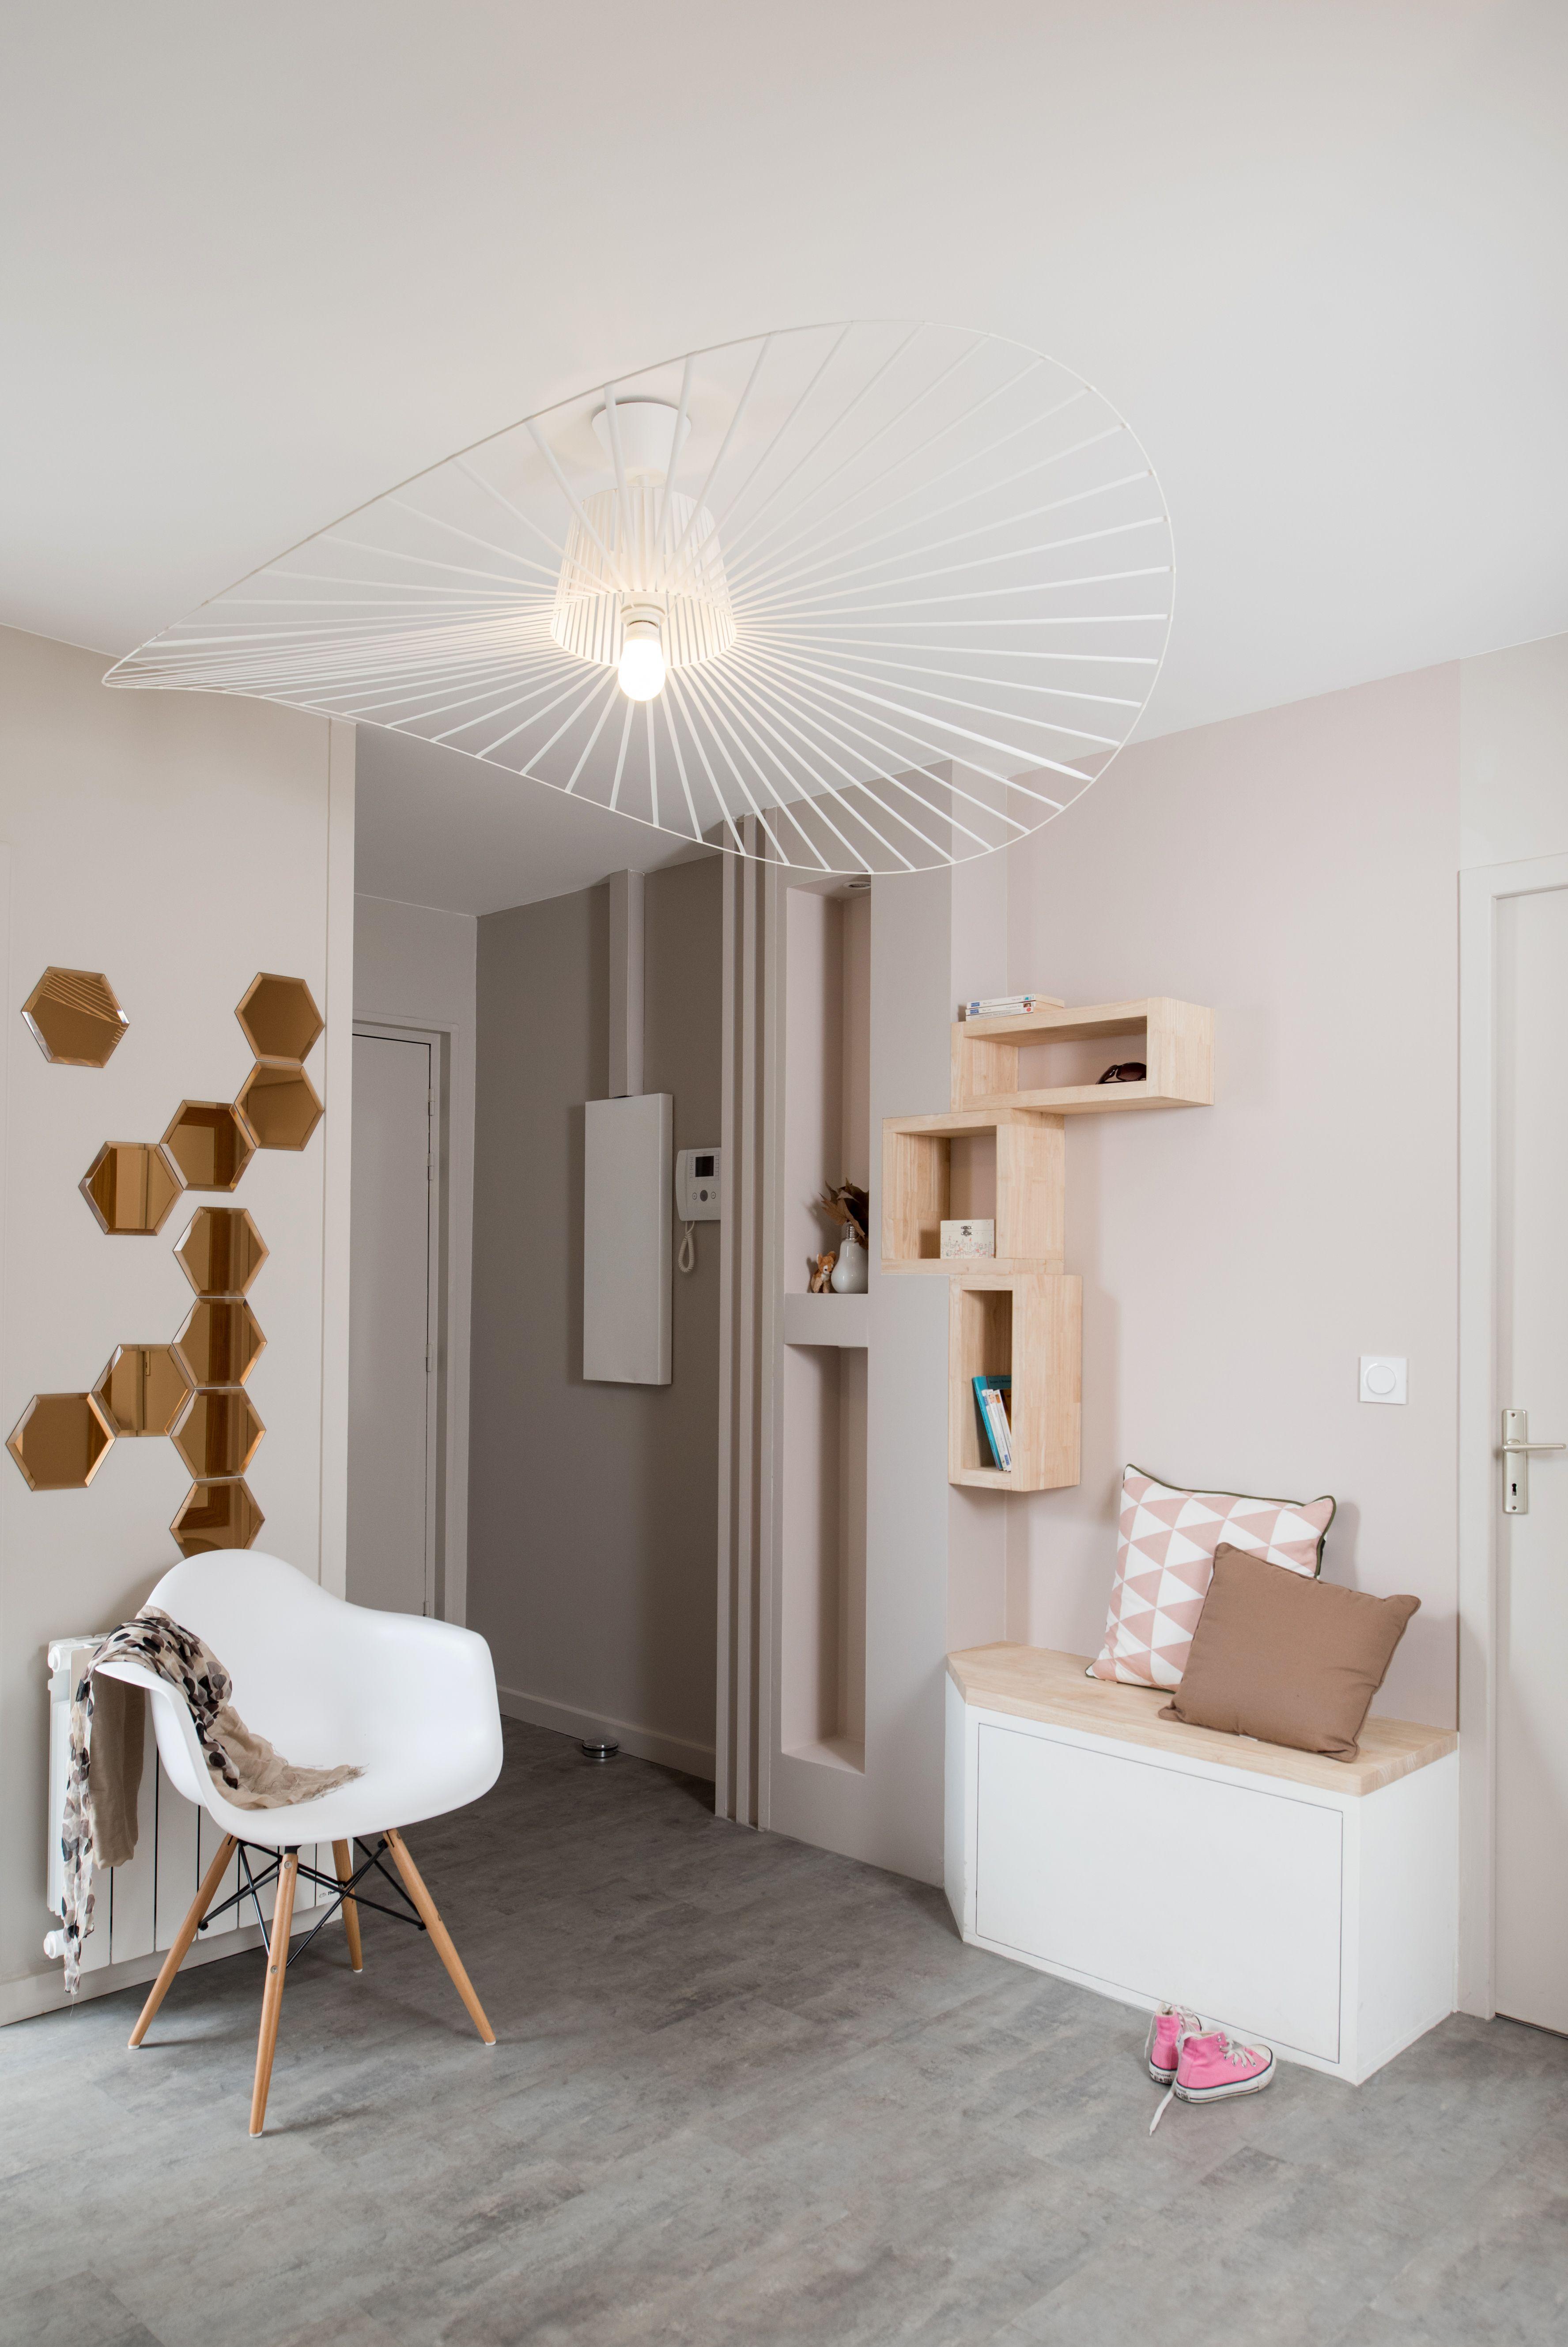 Vivre En Appartement Ou En Maison couleurs pastel et meubles en bois clair, cette entrée d'un